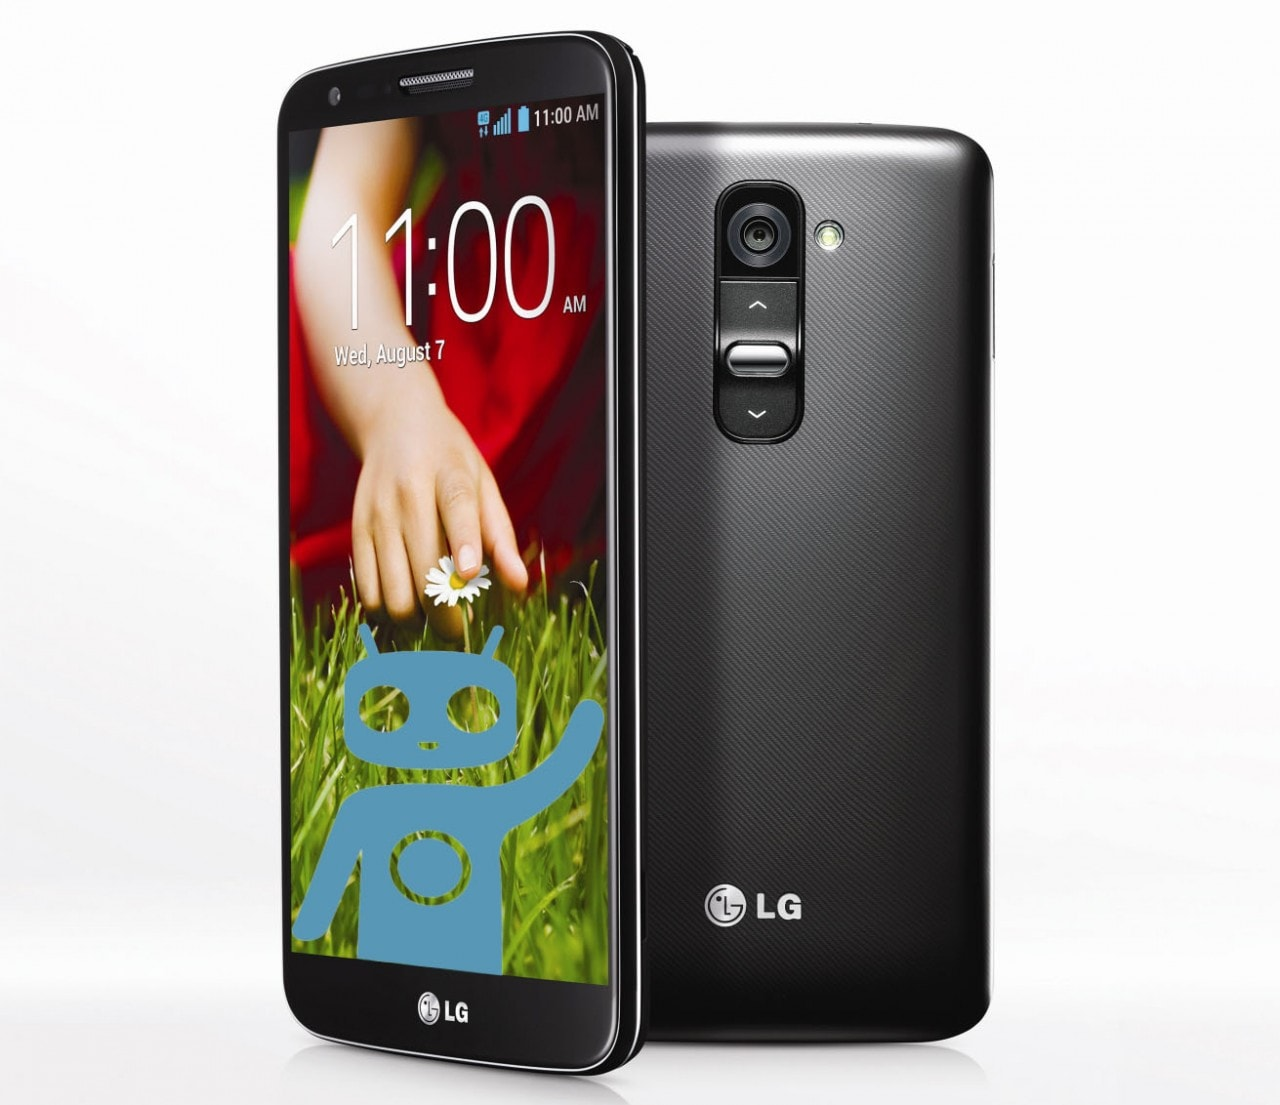 Aggiornate il vostro LG G2 a Marshmallow, con le nightly di CyanogenMod 13!